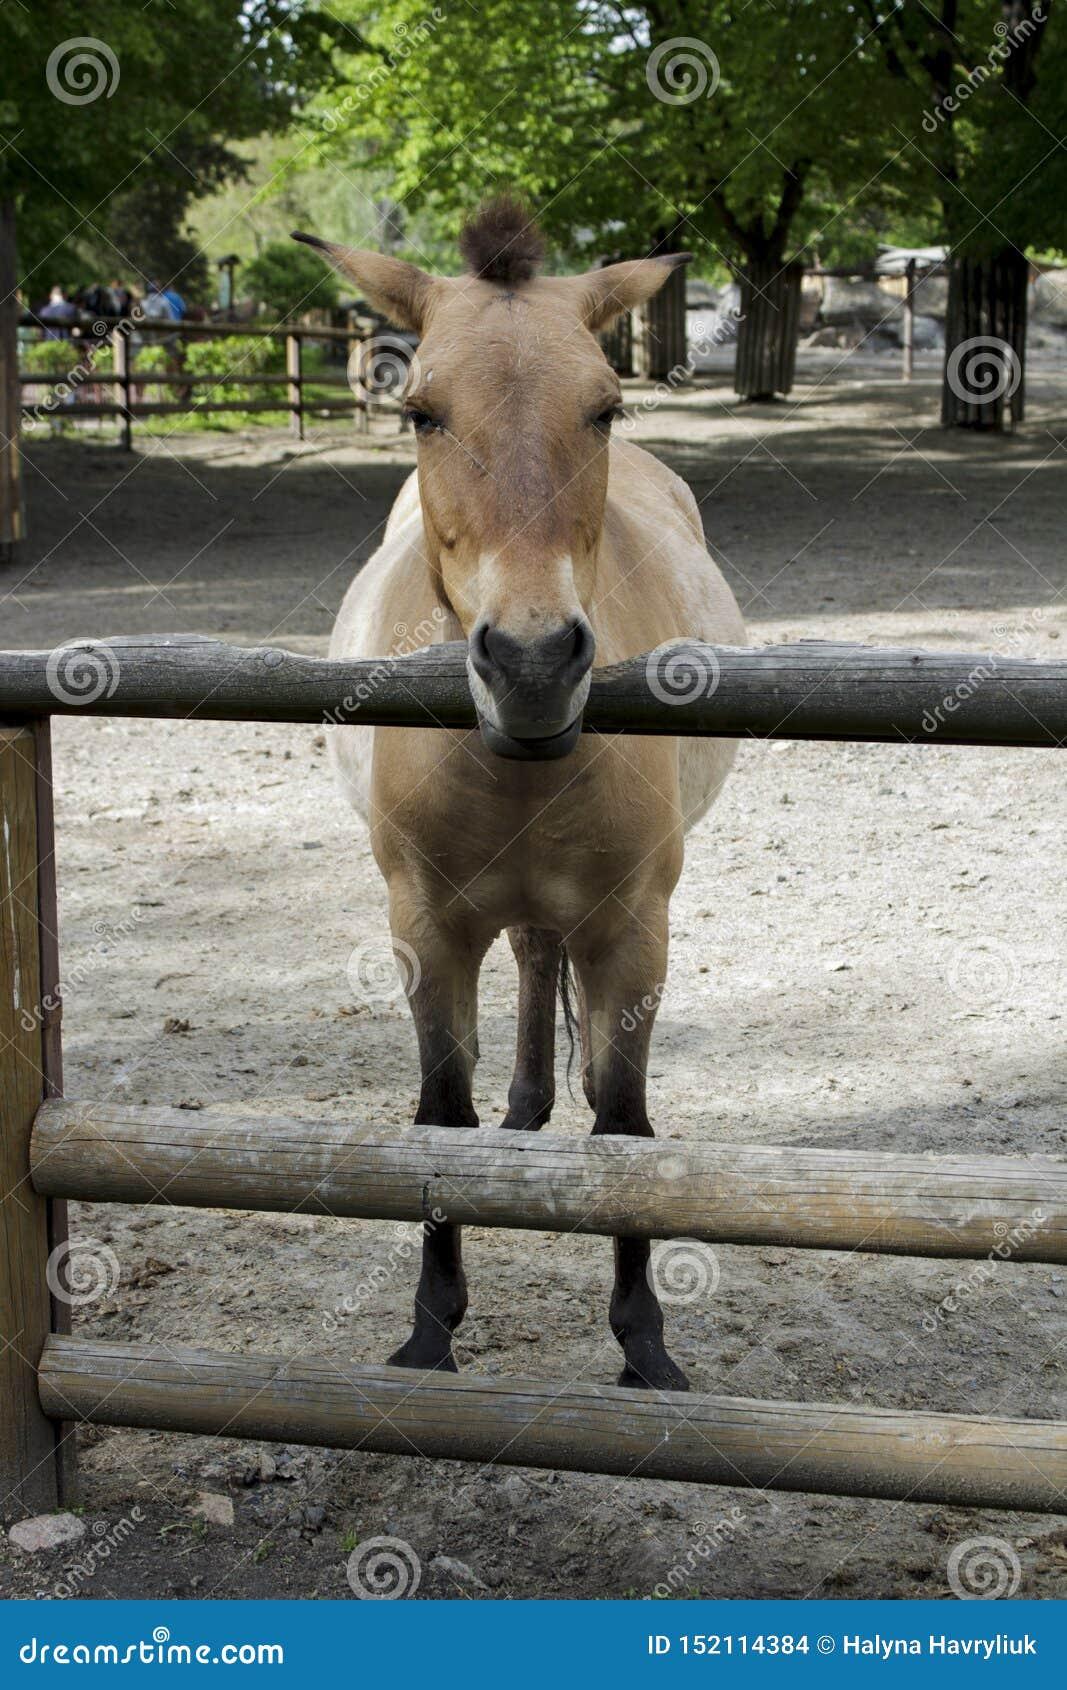 Häst zoo som är lös, przewalski, djur, equus, mongolian, natur, hästar, härligt, utsatt för fara som är asiatiska, przewalskii so